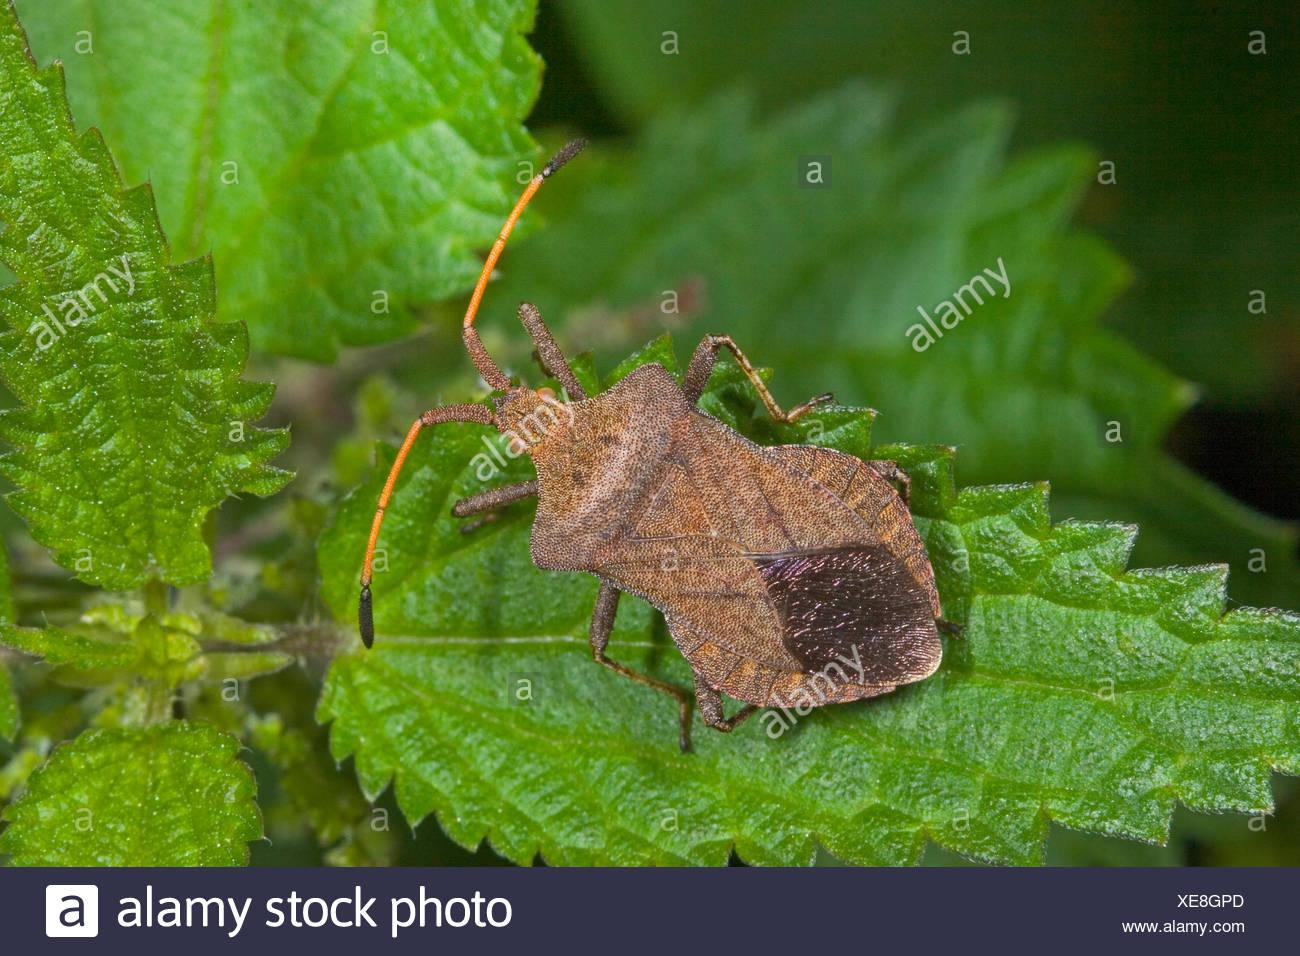 Squash bug (Coreus marginatus, Mesocerus marginatus), assis sur une feuille, Allemagne Photo Stock